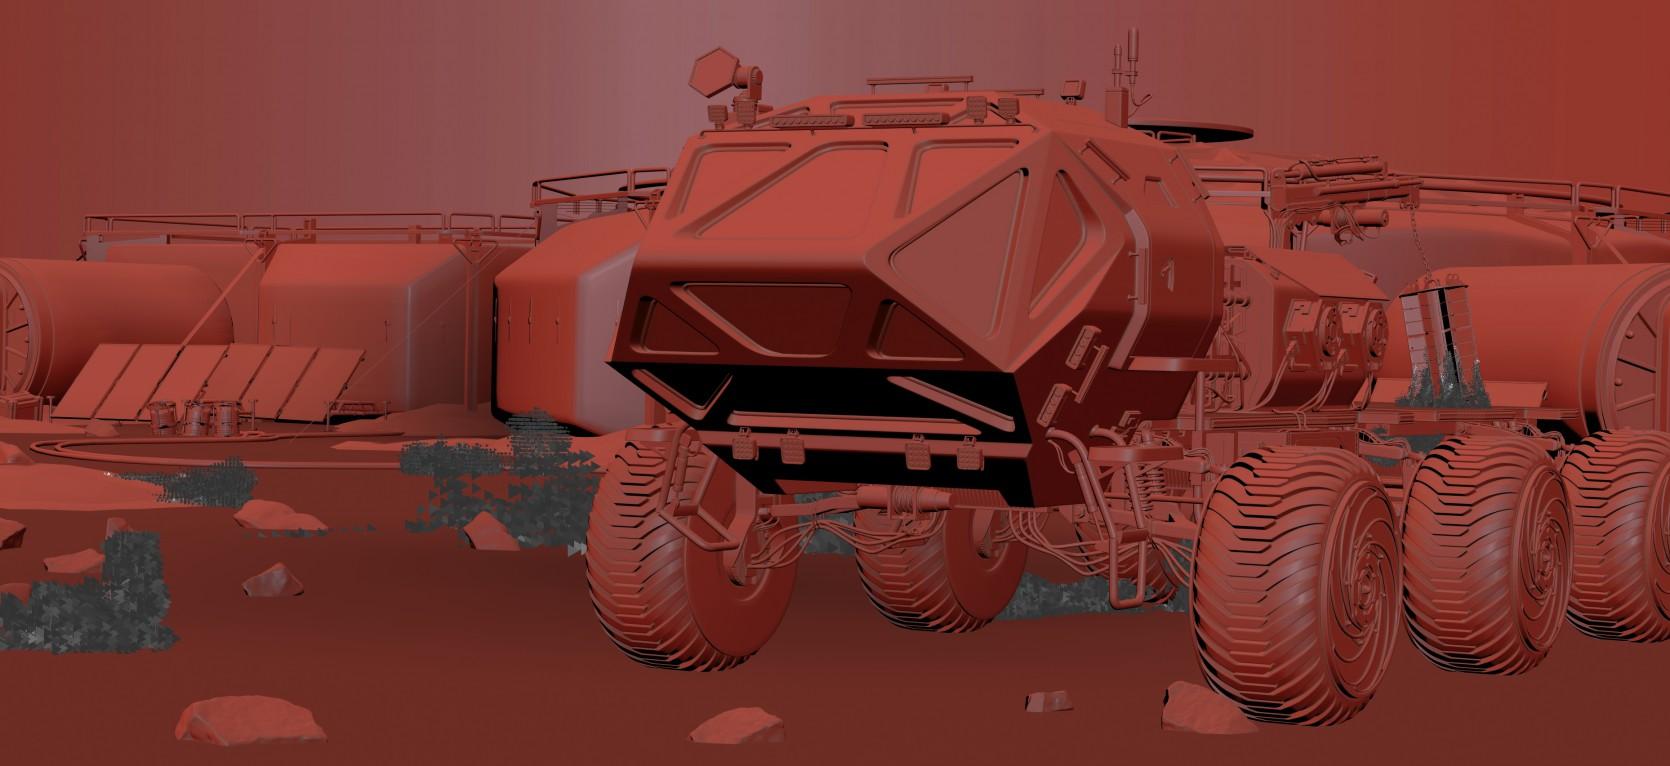 The Martian Rover 3.